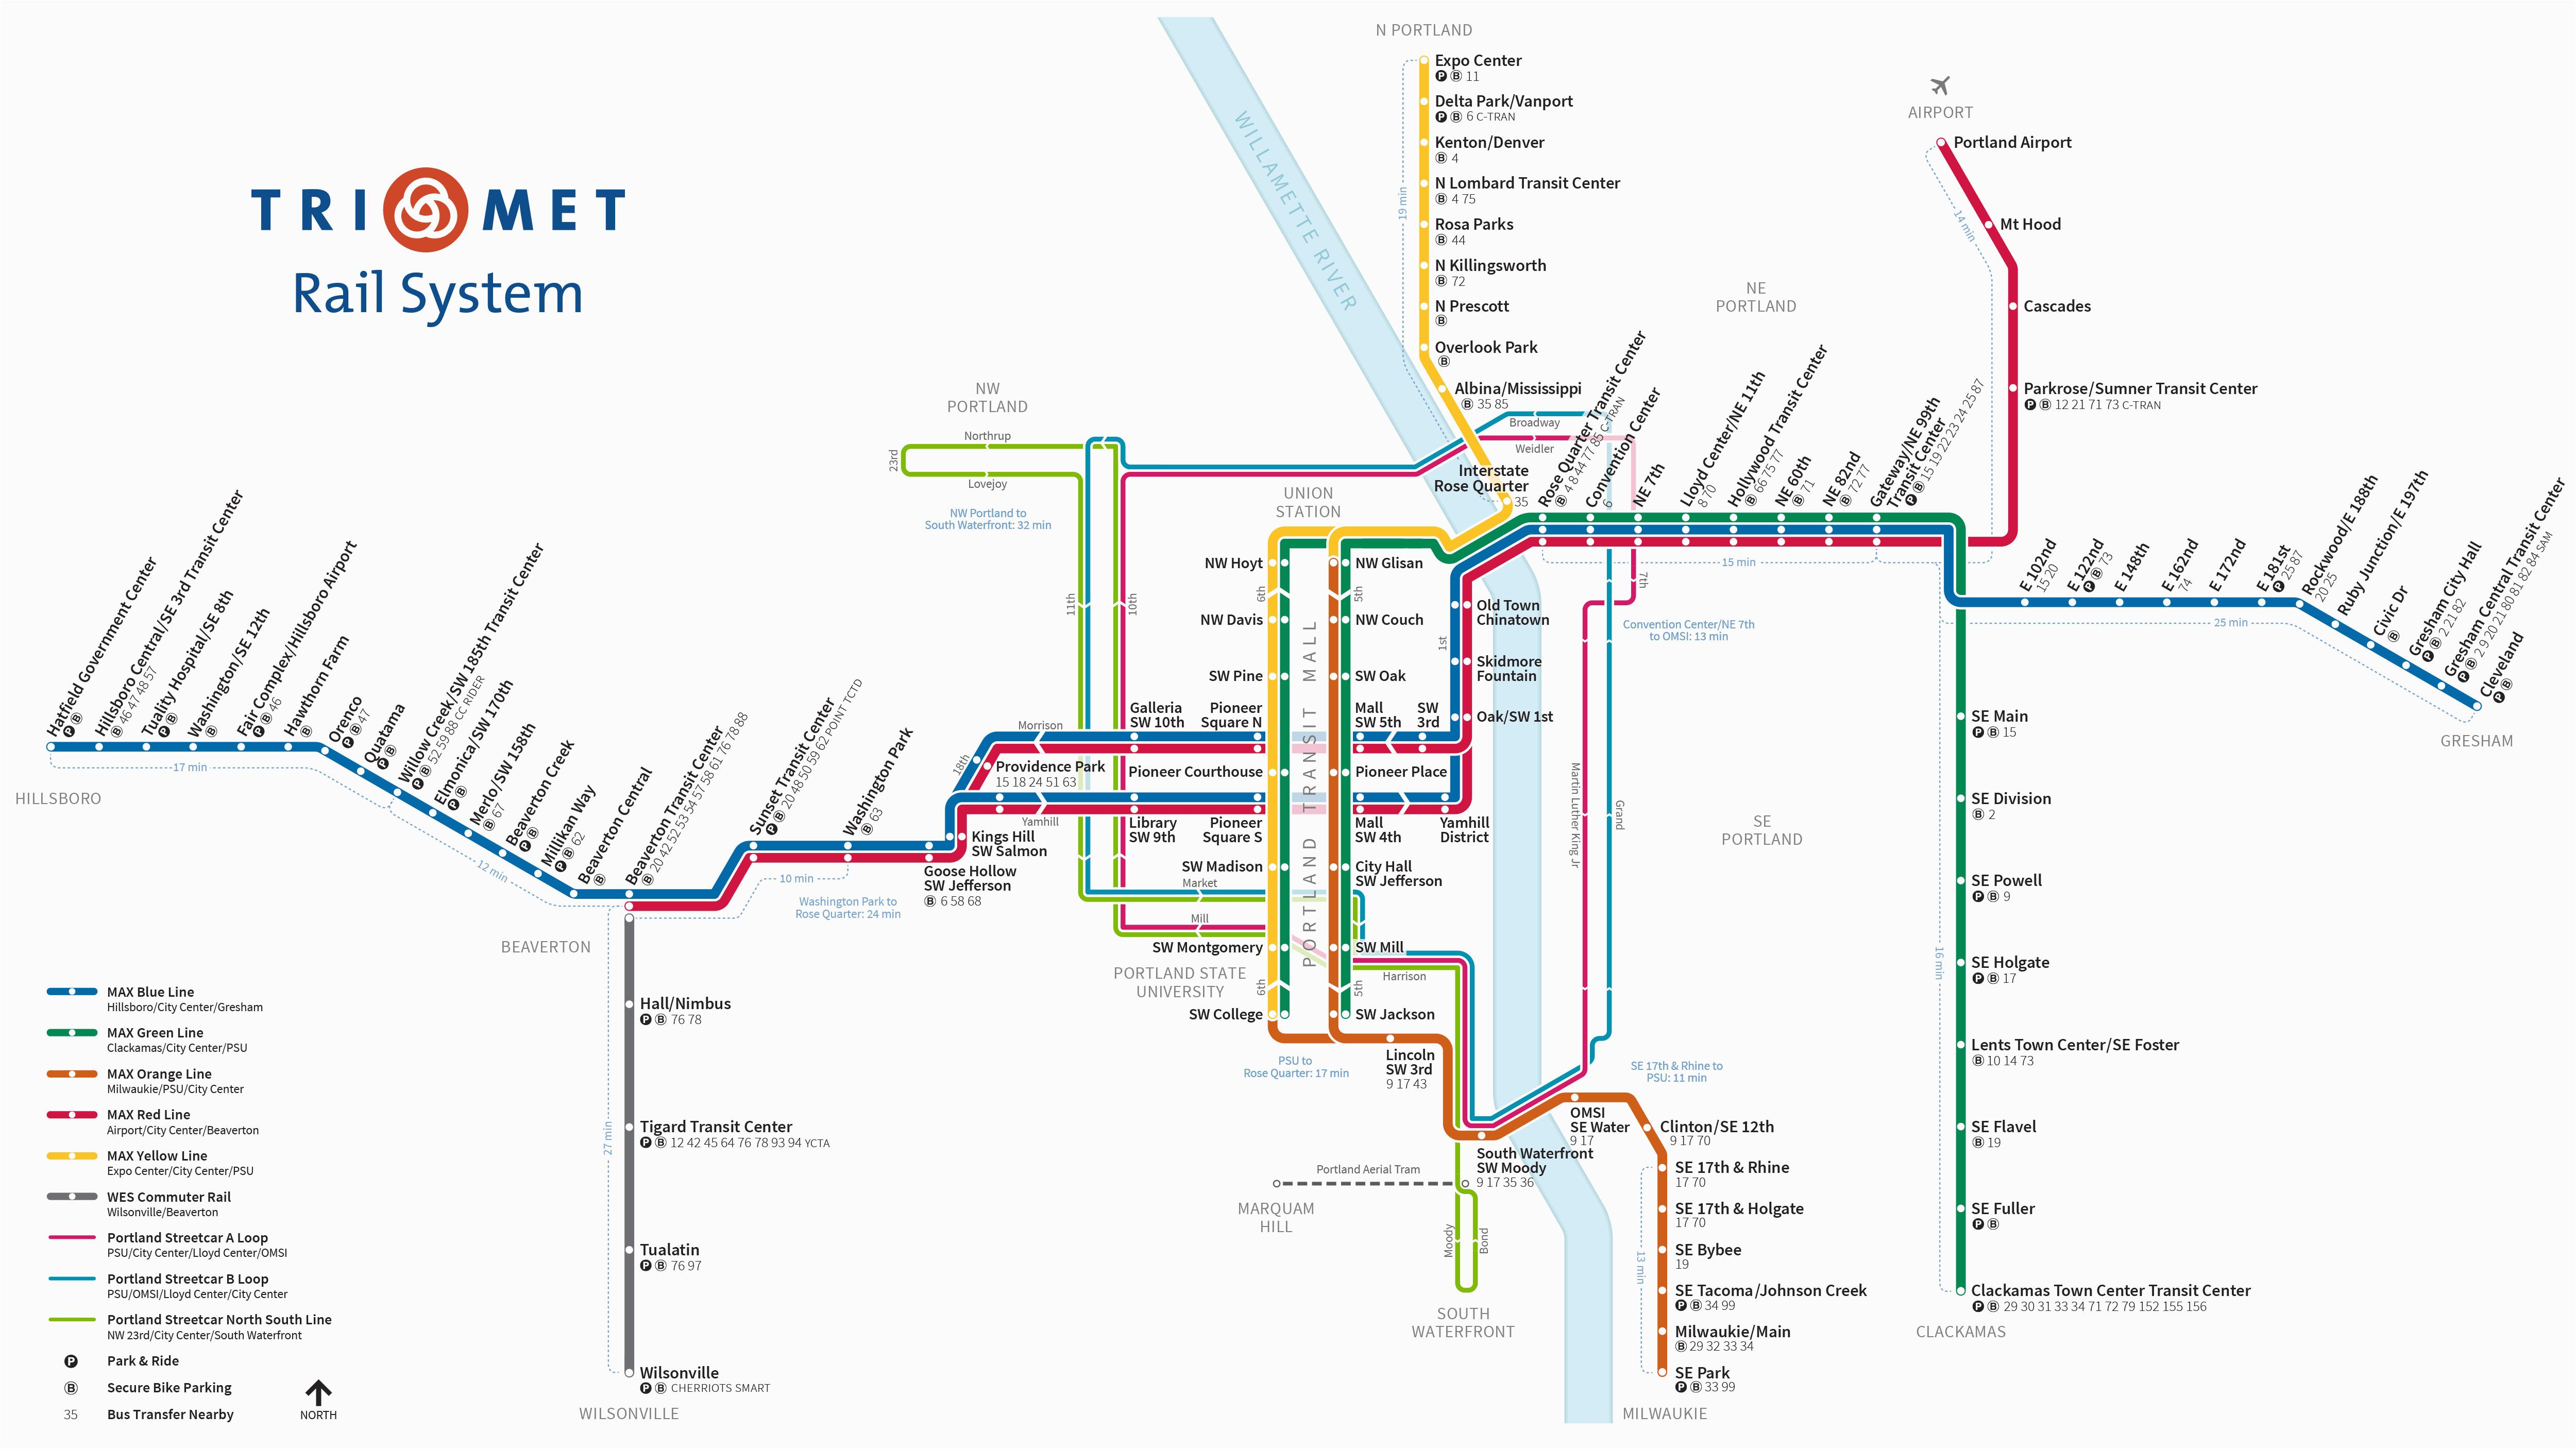 wes commuter rail